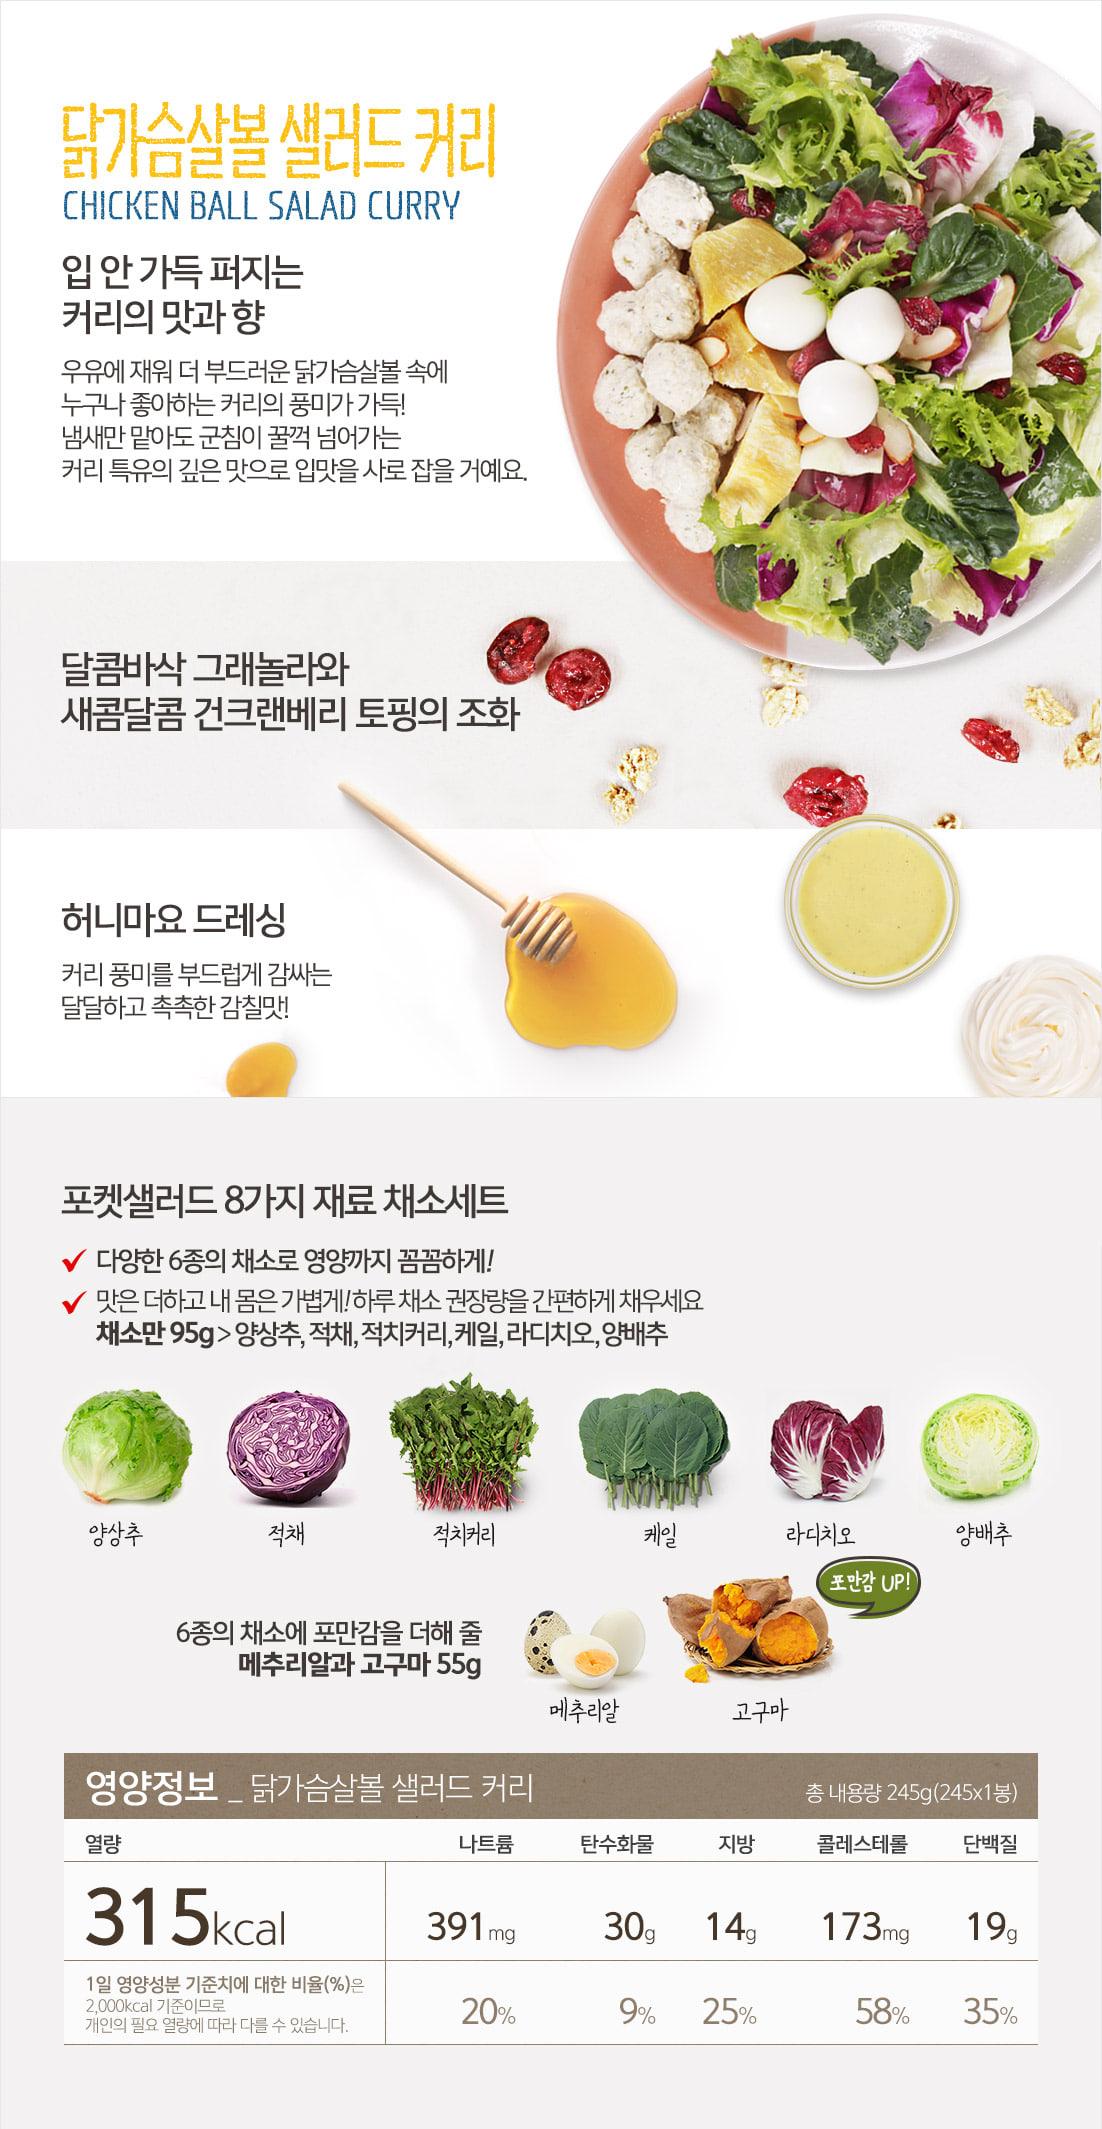 커리맛샐러드 상세페이지_영양정보